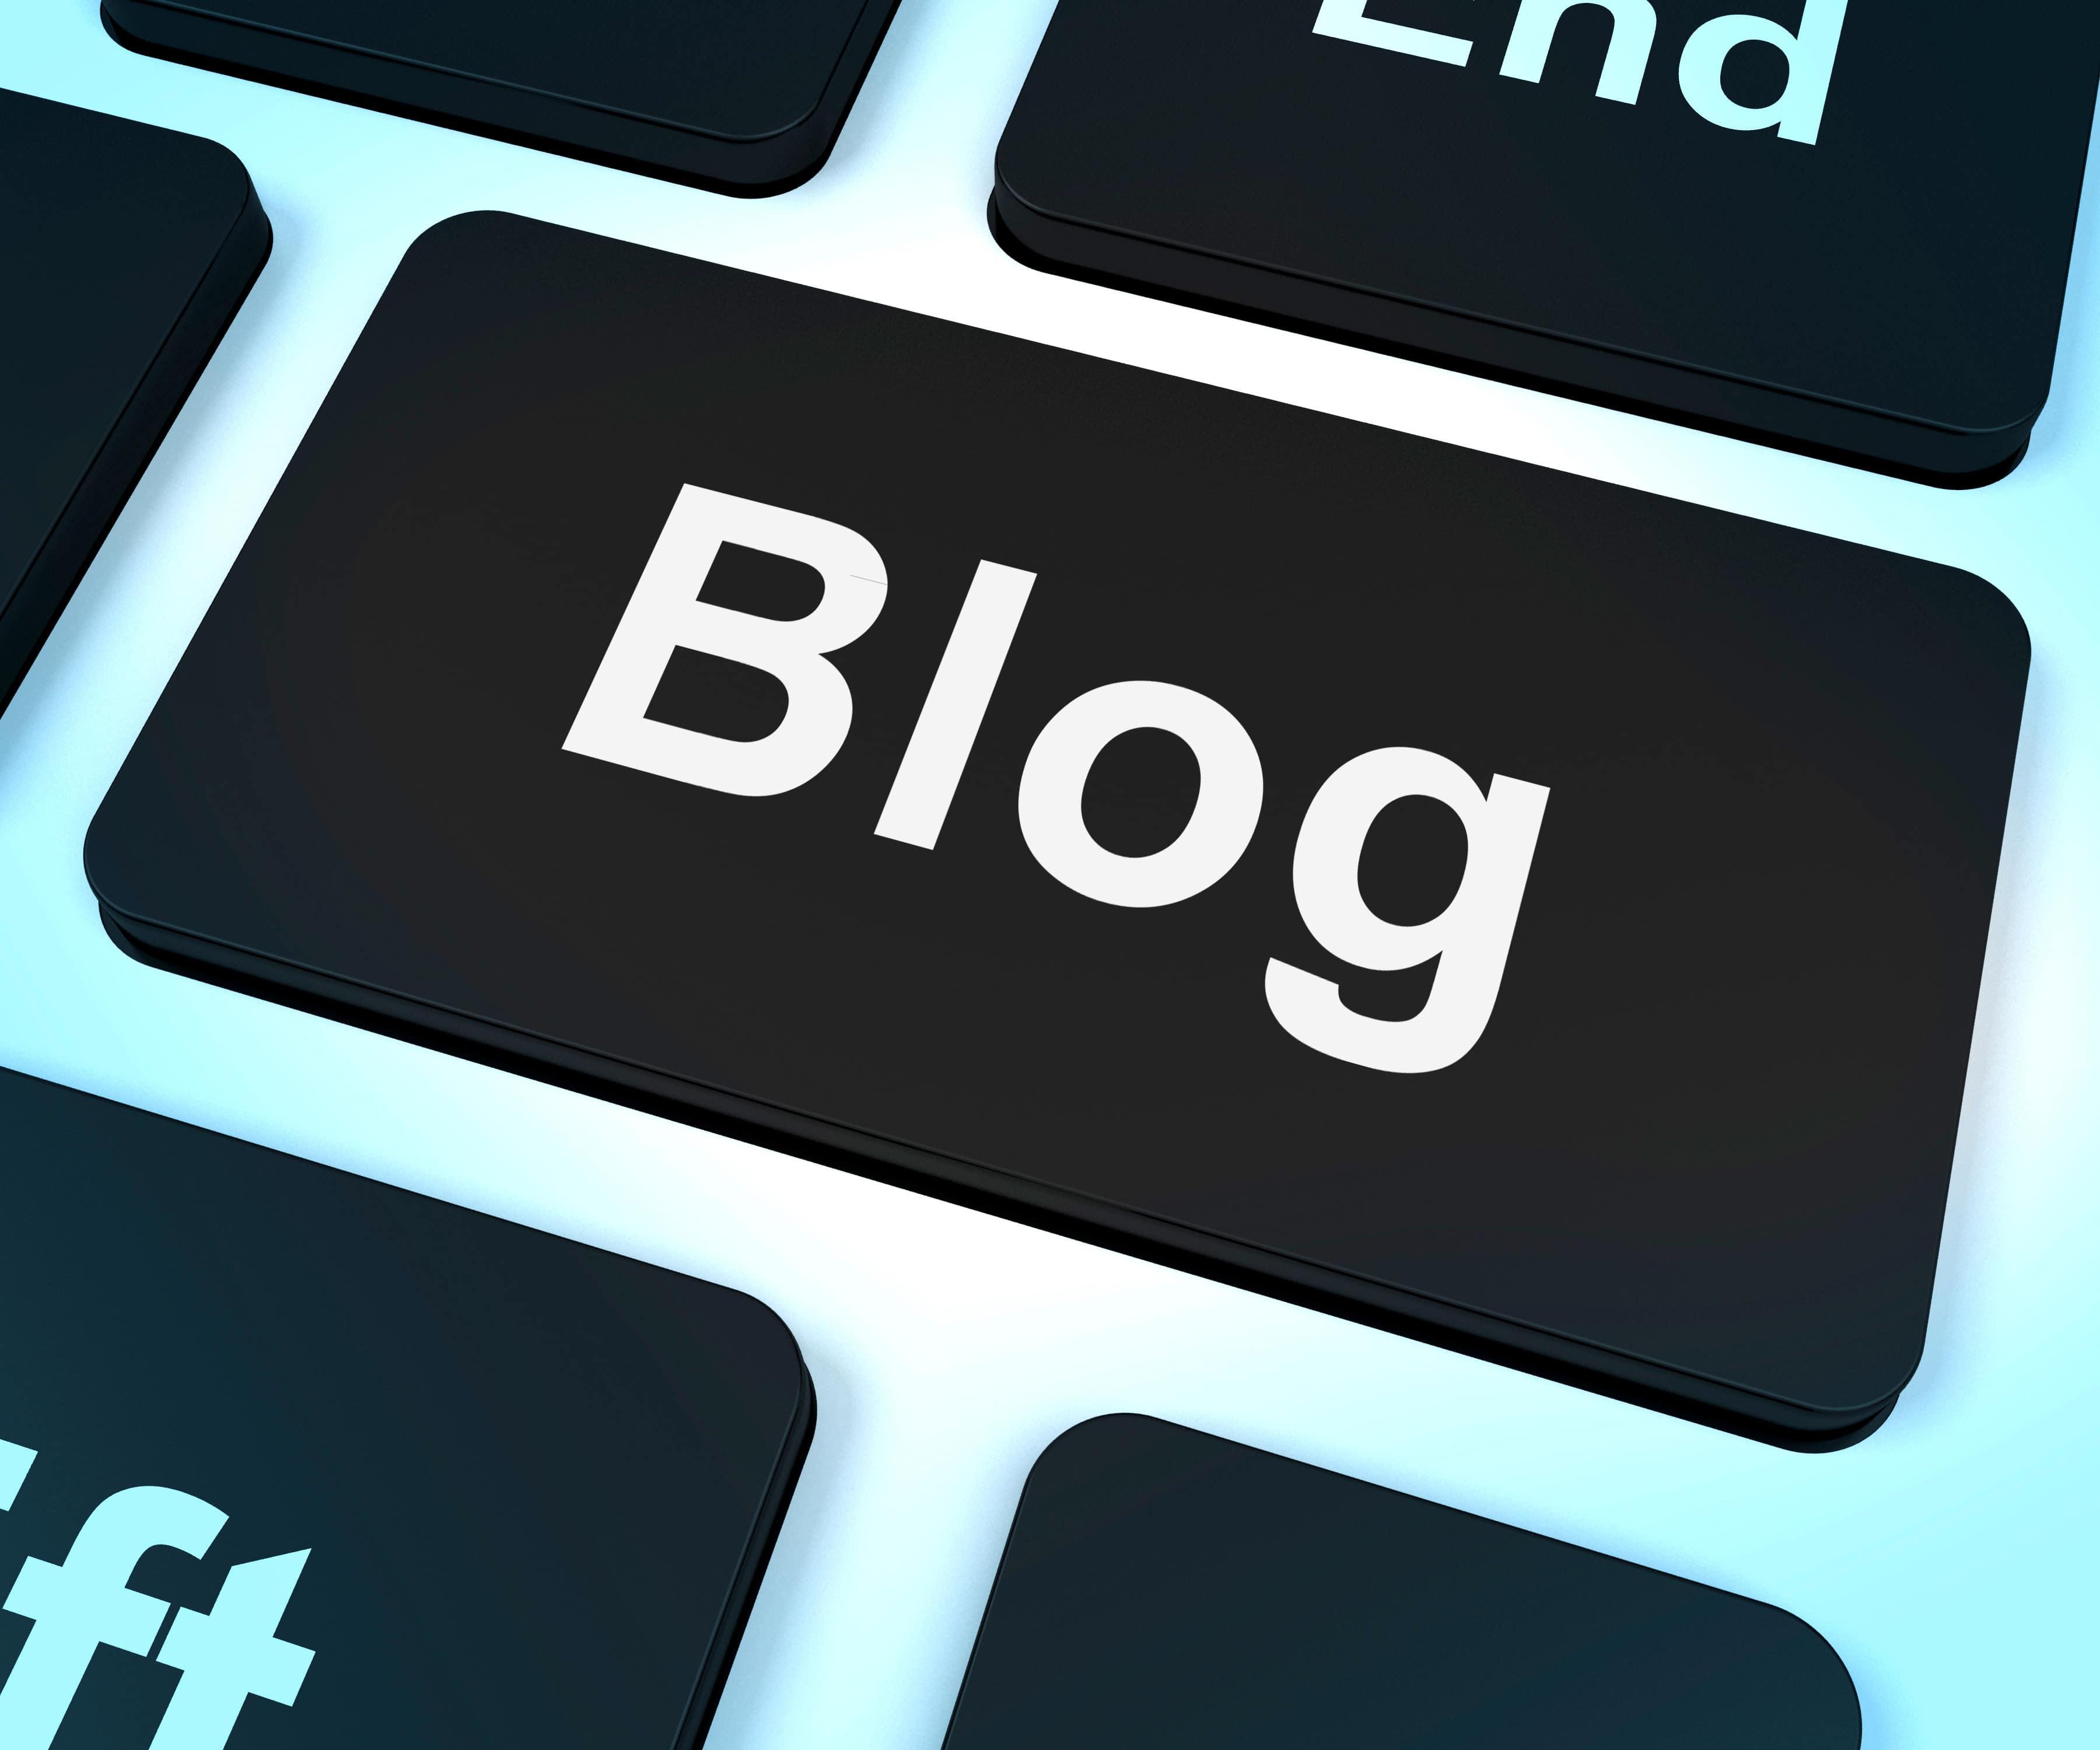 Blog Computer Key For Blogger Website